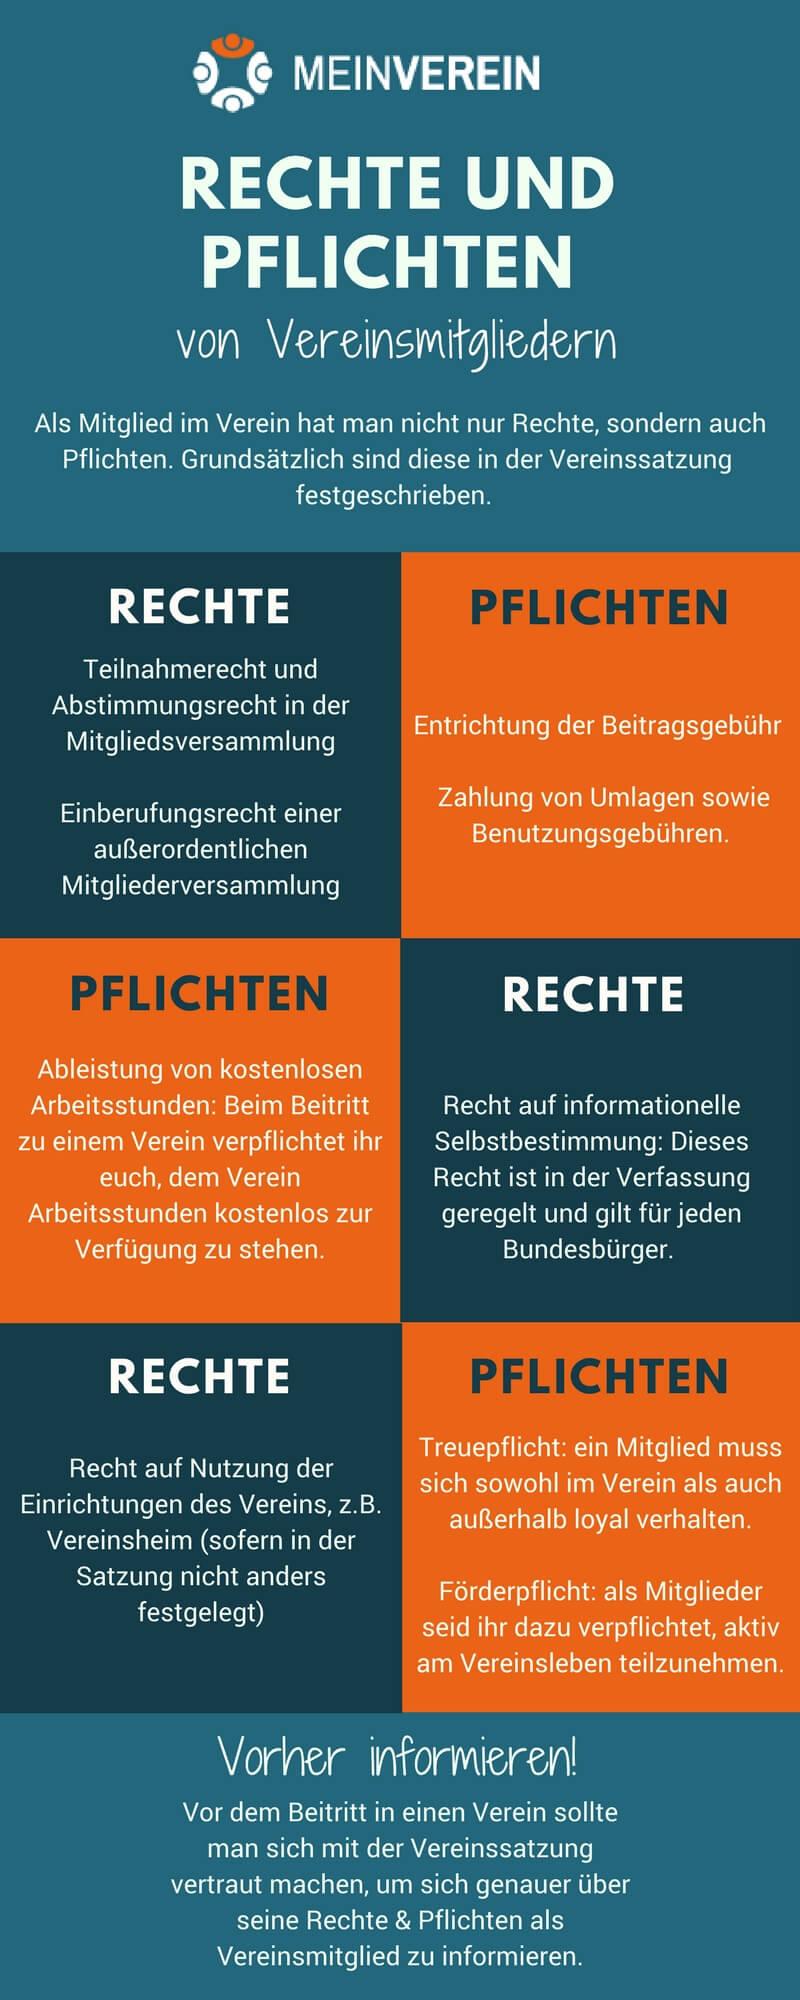 Infografik: Rechte und Pflichten von Vereinsmitgliedern gegenübergestellt.